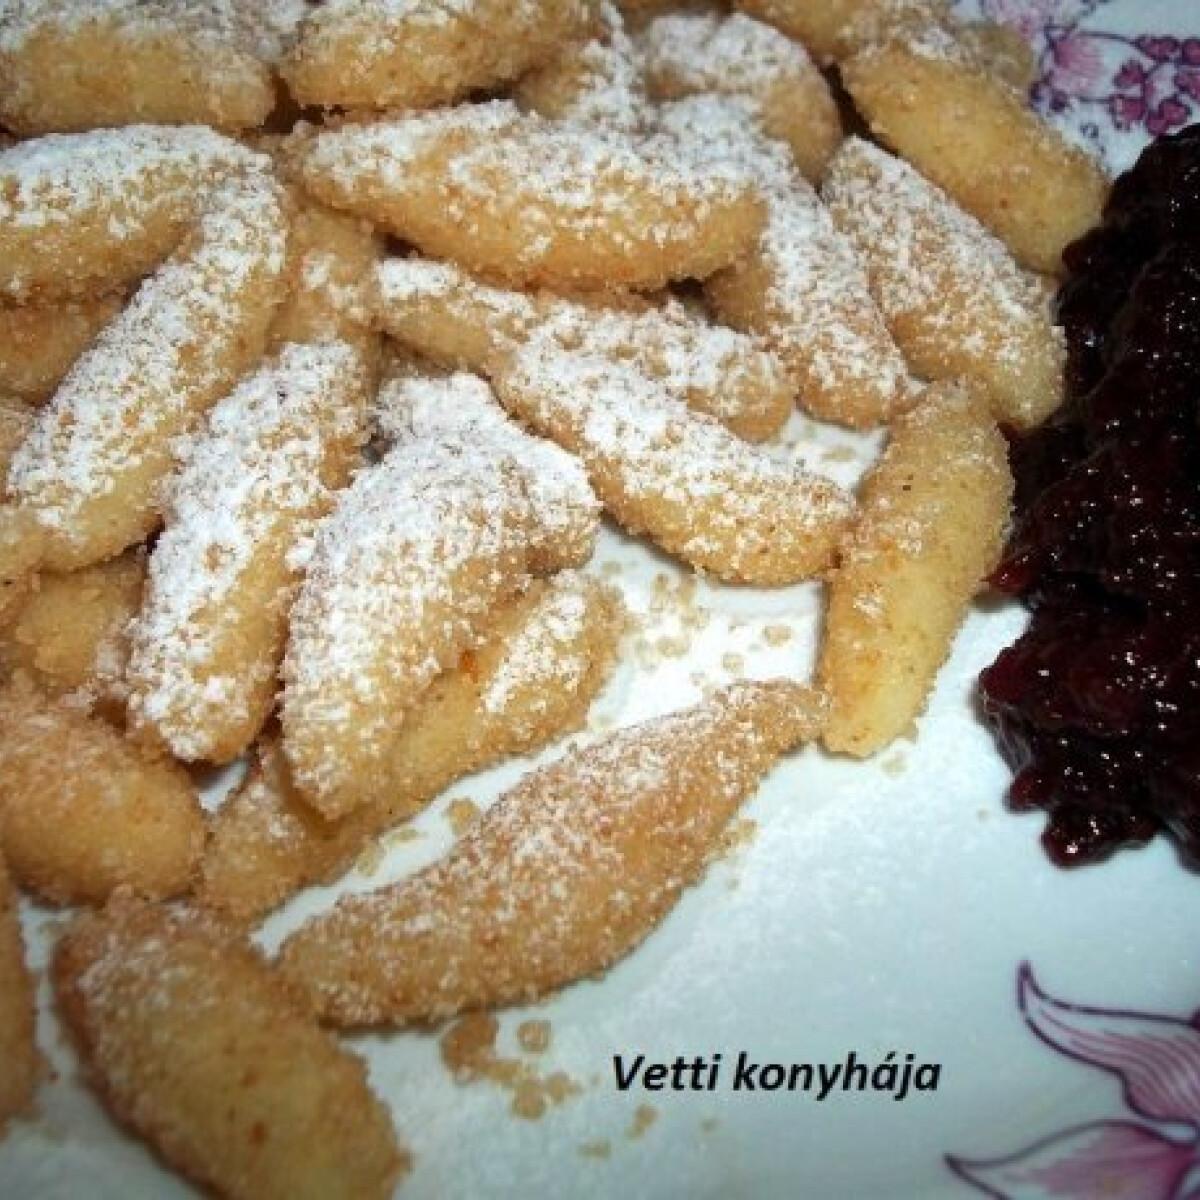 Ezen a képen: Krumplinudli Vetti konyhájából